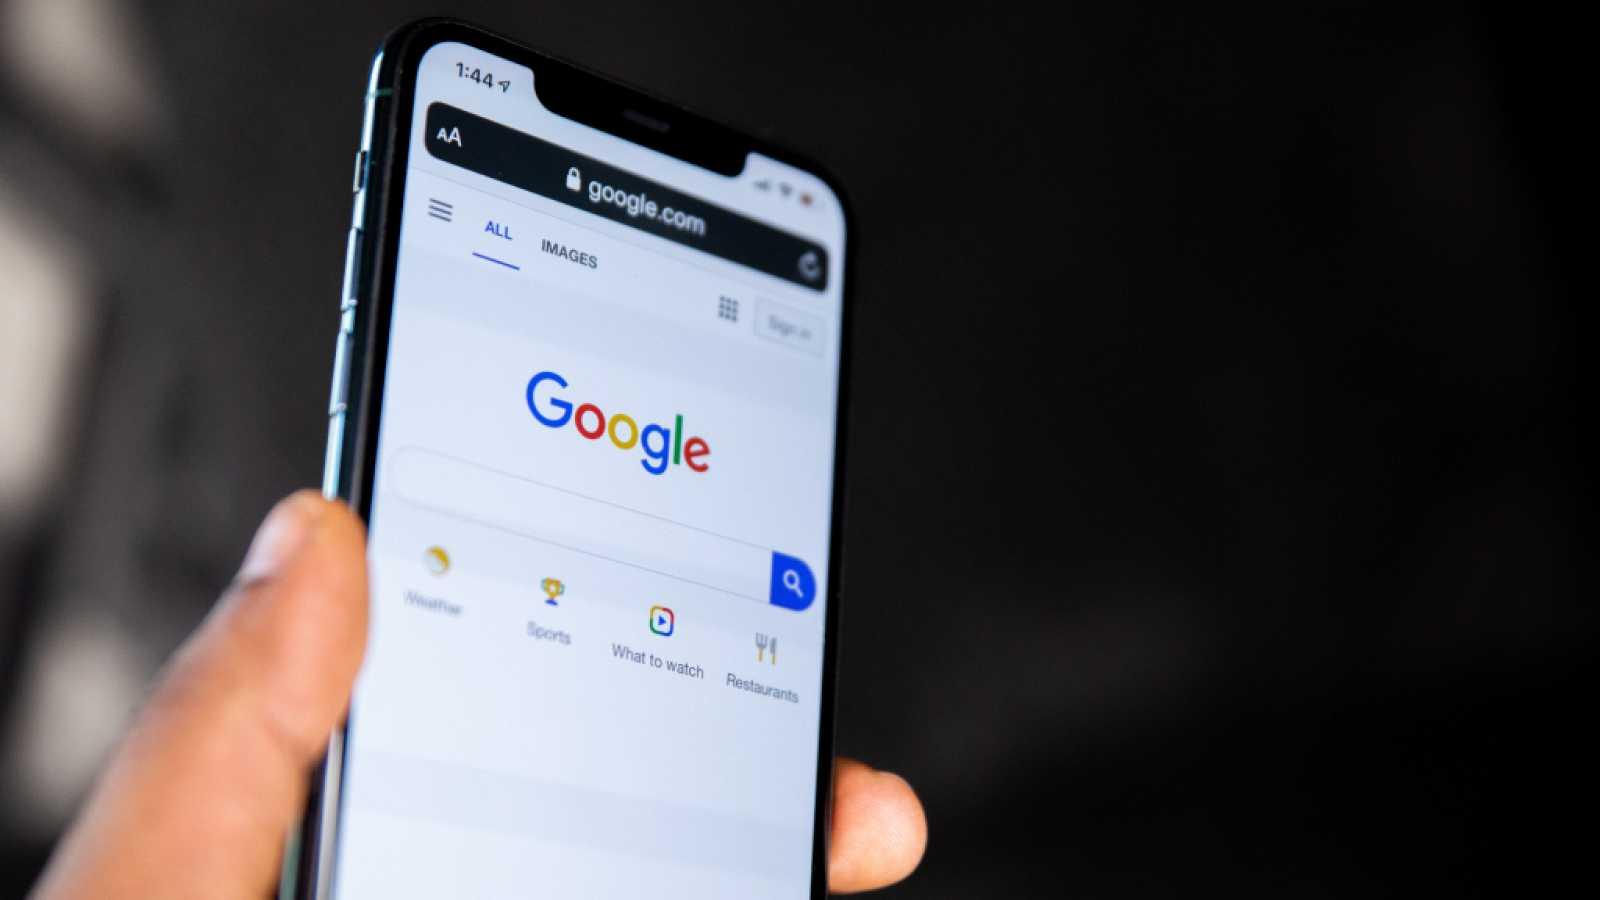 Google confirma el lanzamiento de stories en la app para iOS y Android